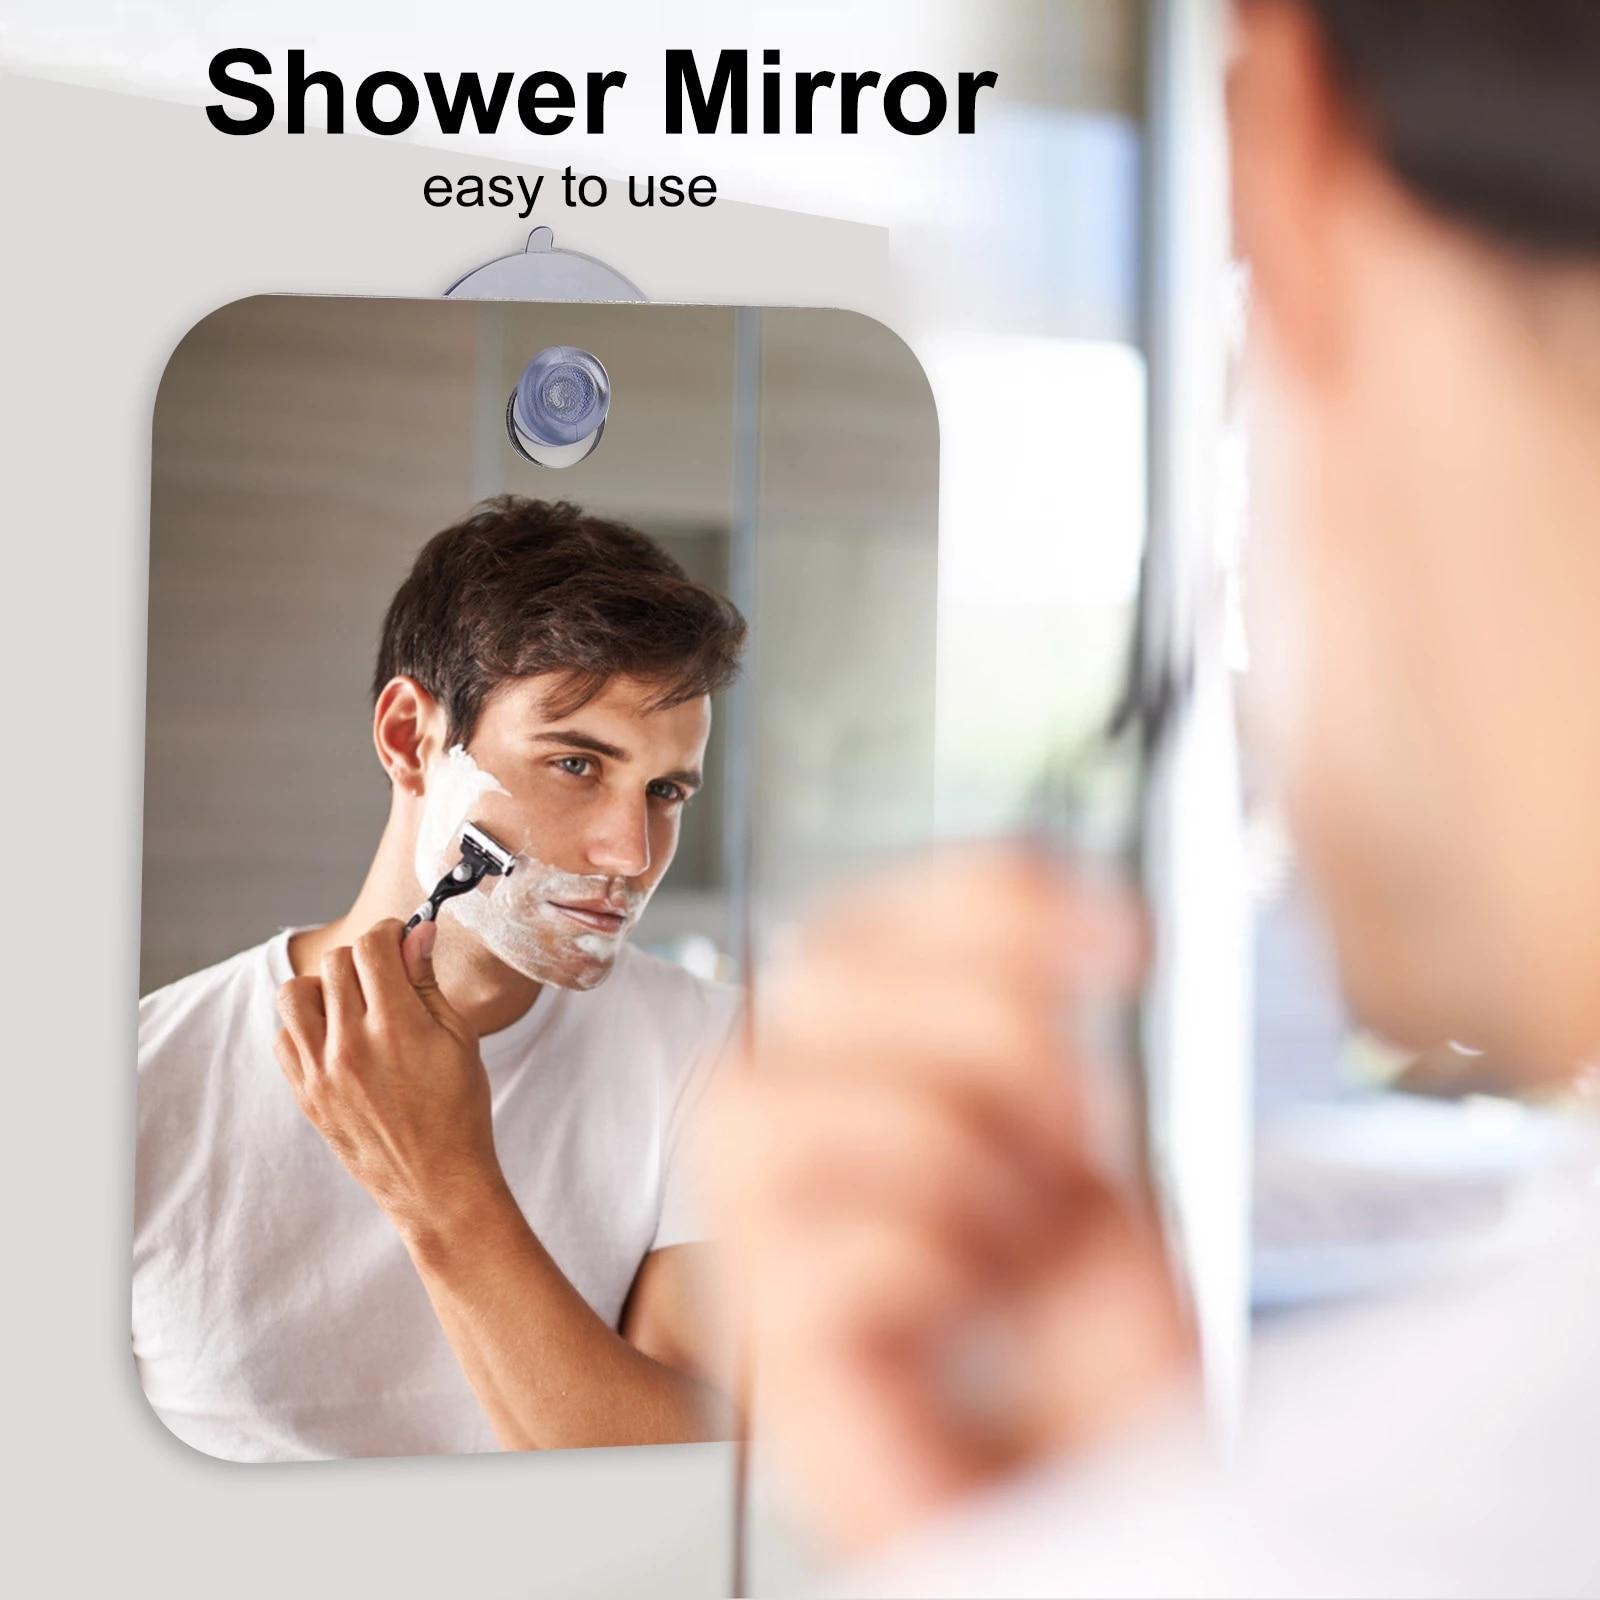 Акриловое антизапотевающее зеркало для душа, зеркало для бритья и макияжа, Безрамное Зеркало для ванной комнаты, ручное компактное зеркало ...